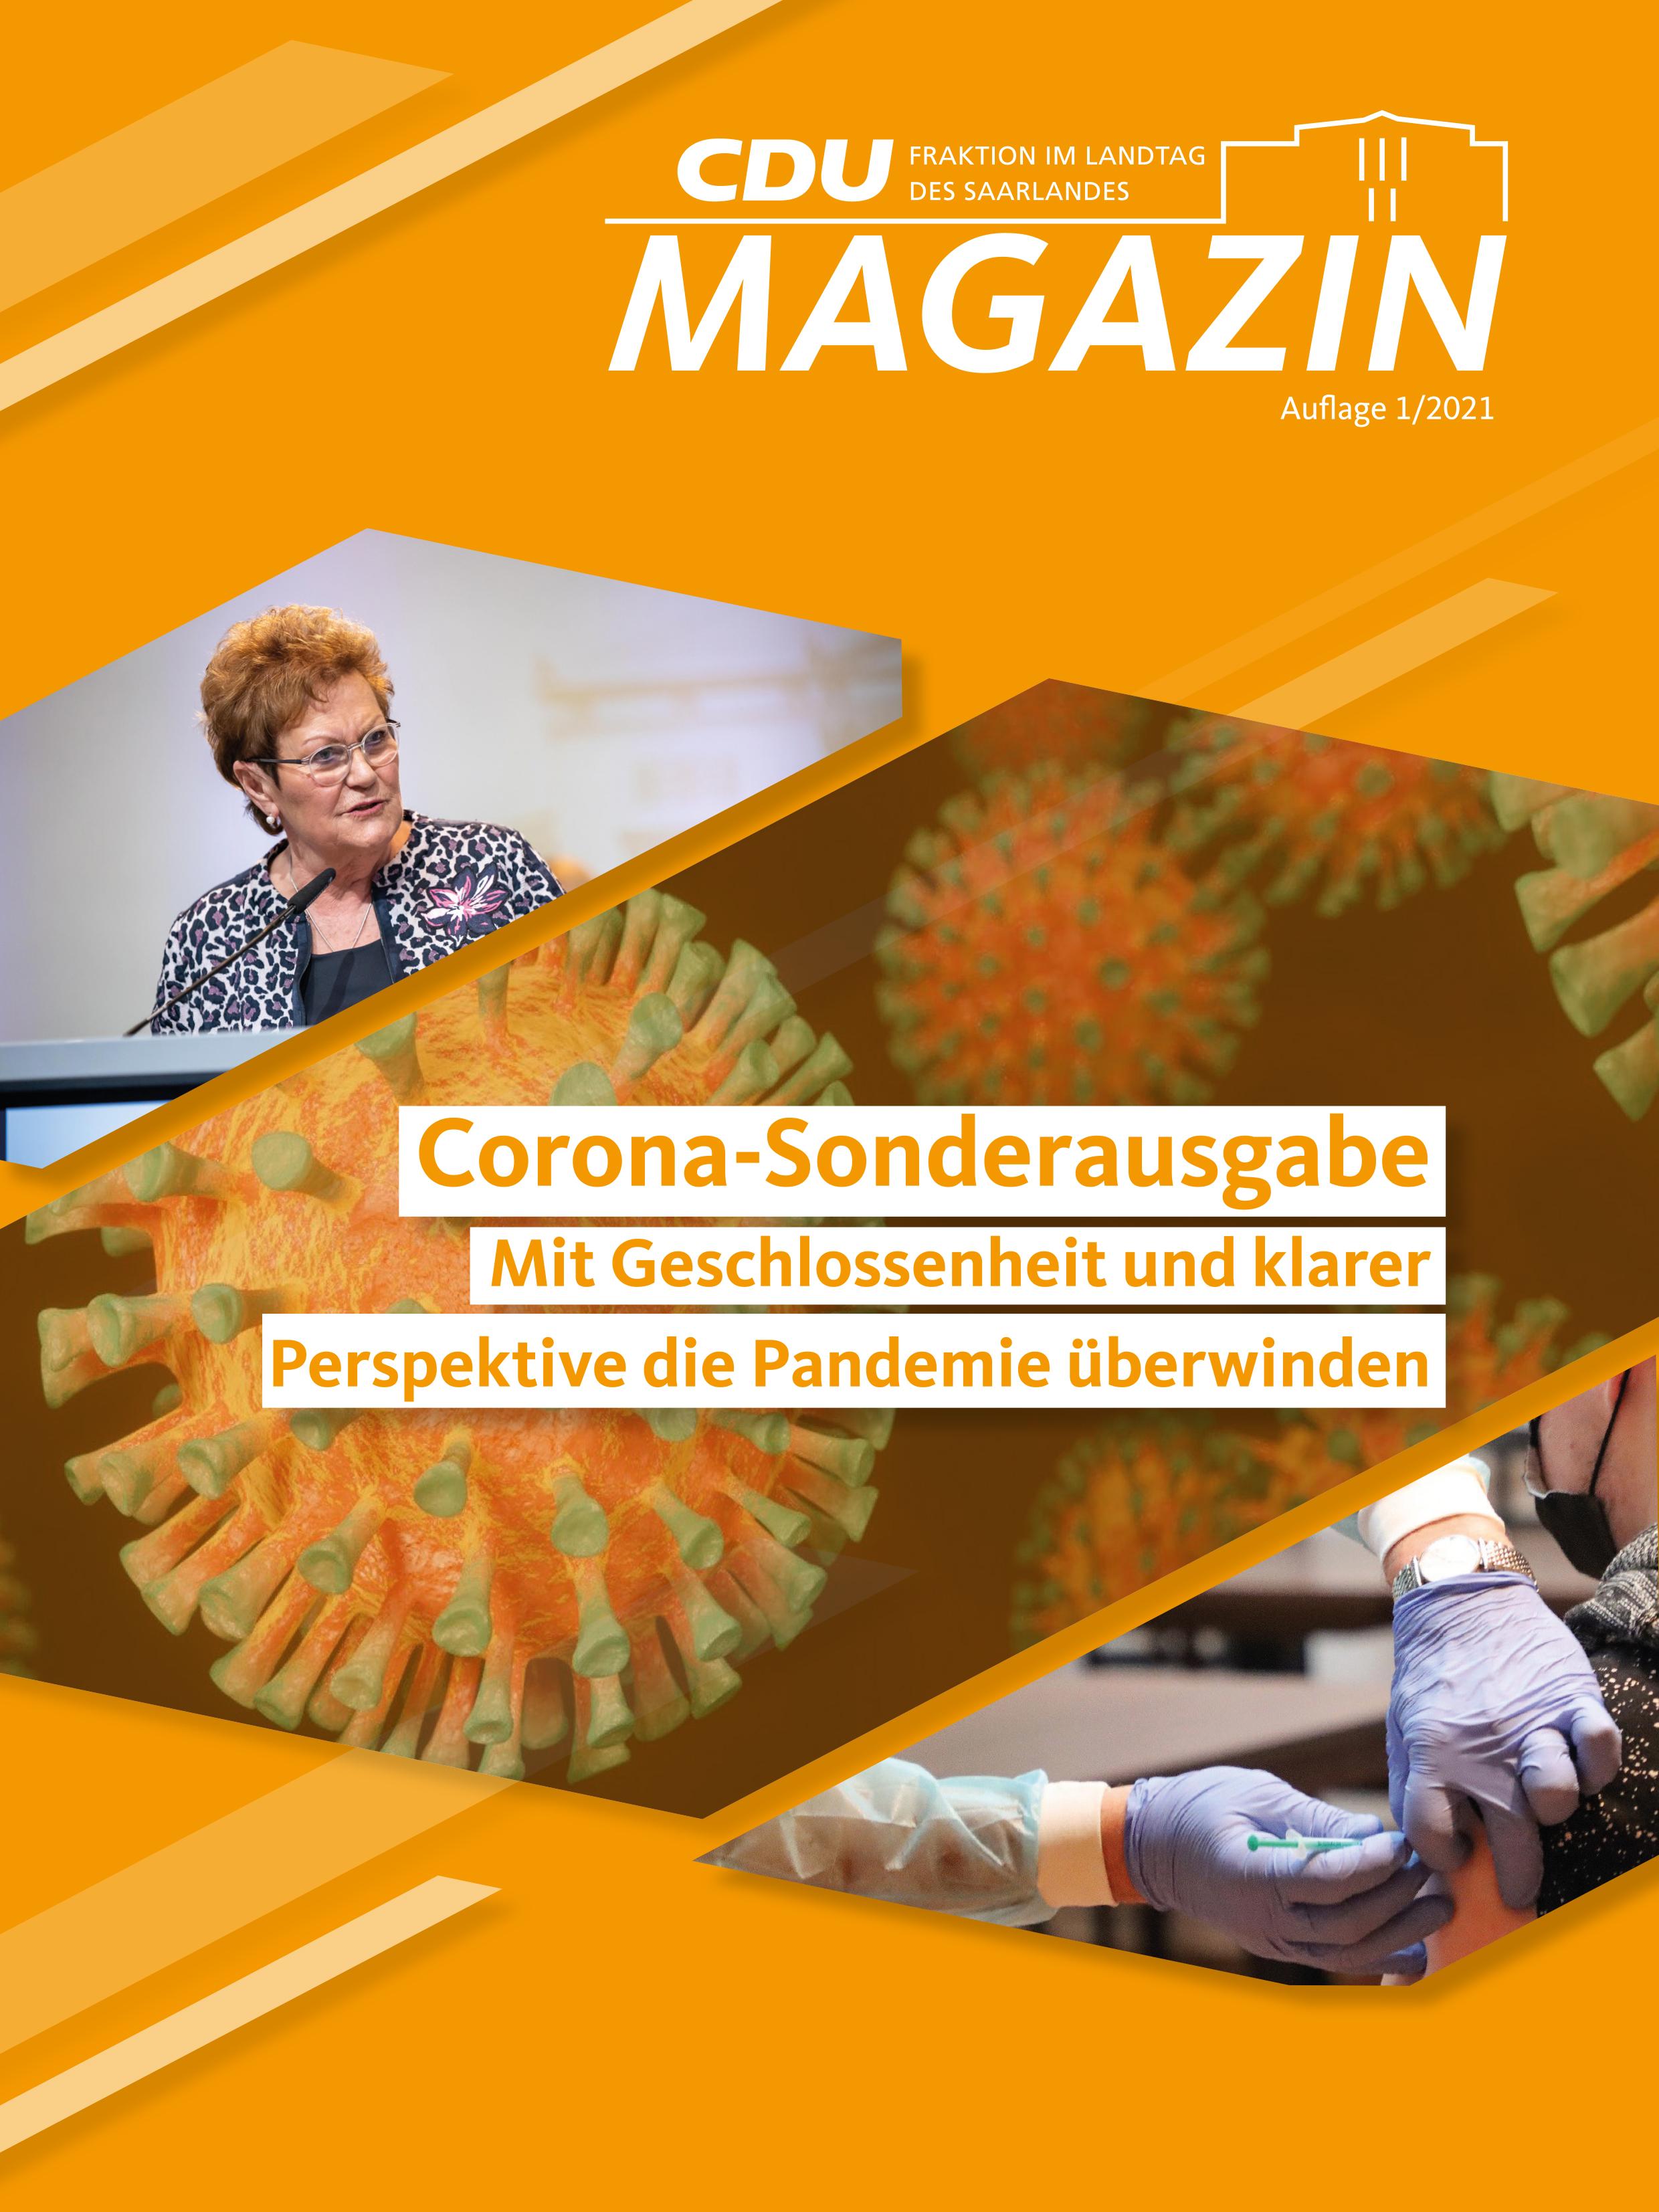 CDU Fraktion des Saarlandes: Corona-Sonderausgabe des CDU-Magazins erschienen – Jetzt lesen!